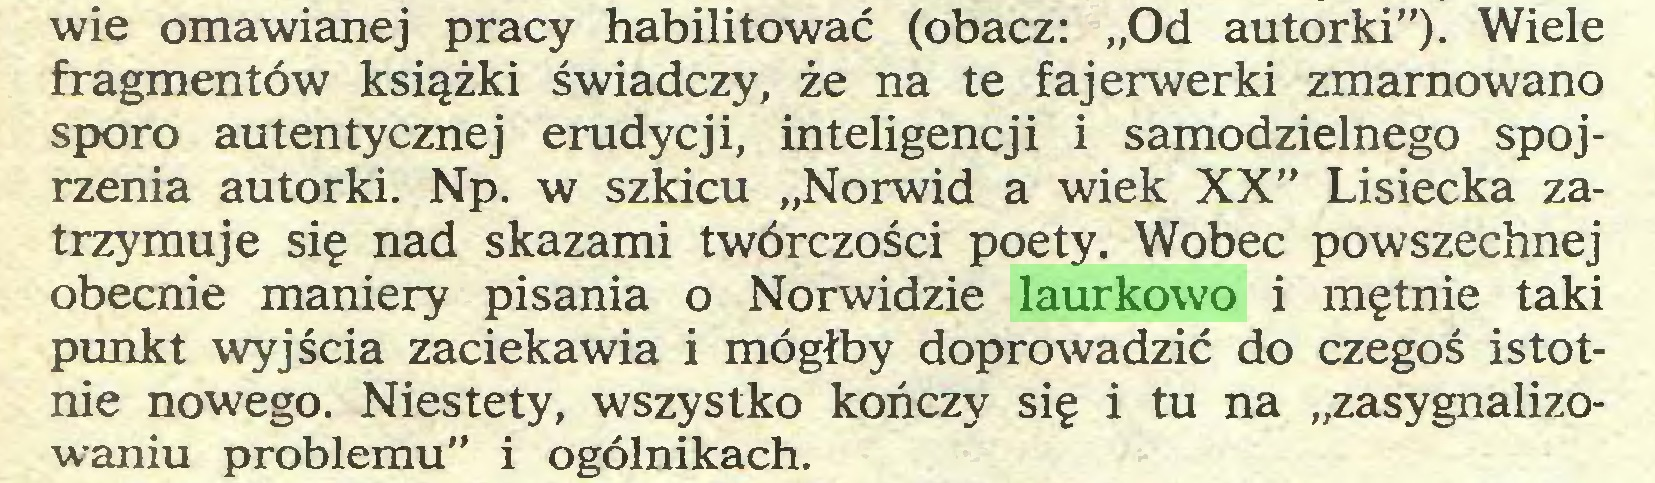 """(...) wie omawianej pracy habilitować (obacz: """"Od autorki""""). Wiele fragmentów książki świadczy, że na te fajerwerki zmarnowano sporo autentycznej erudycji, inteligencji i samodzielnego spojrzenia autorki. Np. w szkicu """"Norwid a wiek XX"""" Lisiecka zatrzymuje się nad skazami twórczości poety. Wobec powszechnej obecnie maniery pisania o Norwidzie laurkowo i mętnie taki punkt wyjścia zaciekawia i mógłby doprowadzić do czegoś istotnie nowego. Niestety, wszystko kończy się i tu na """"zasygnalizowaniu problemu"""" i ogólnikach..."""